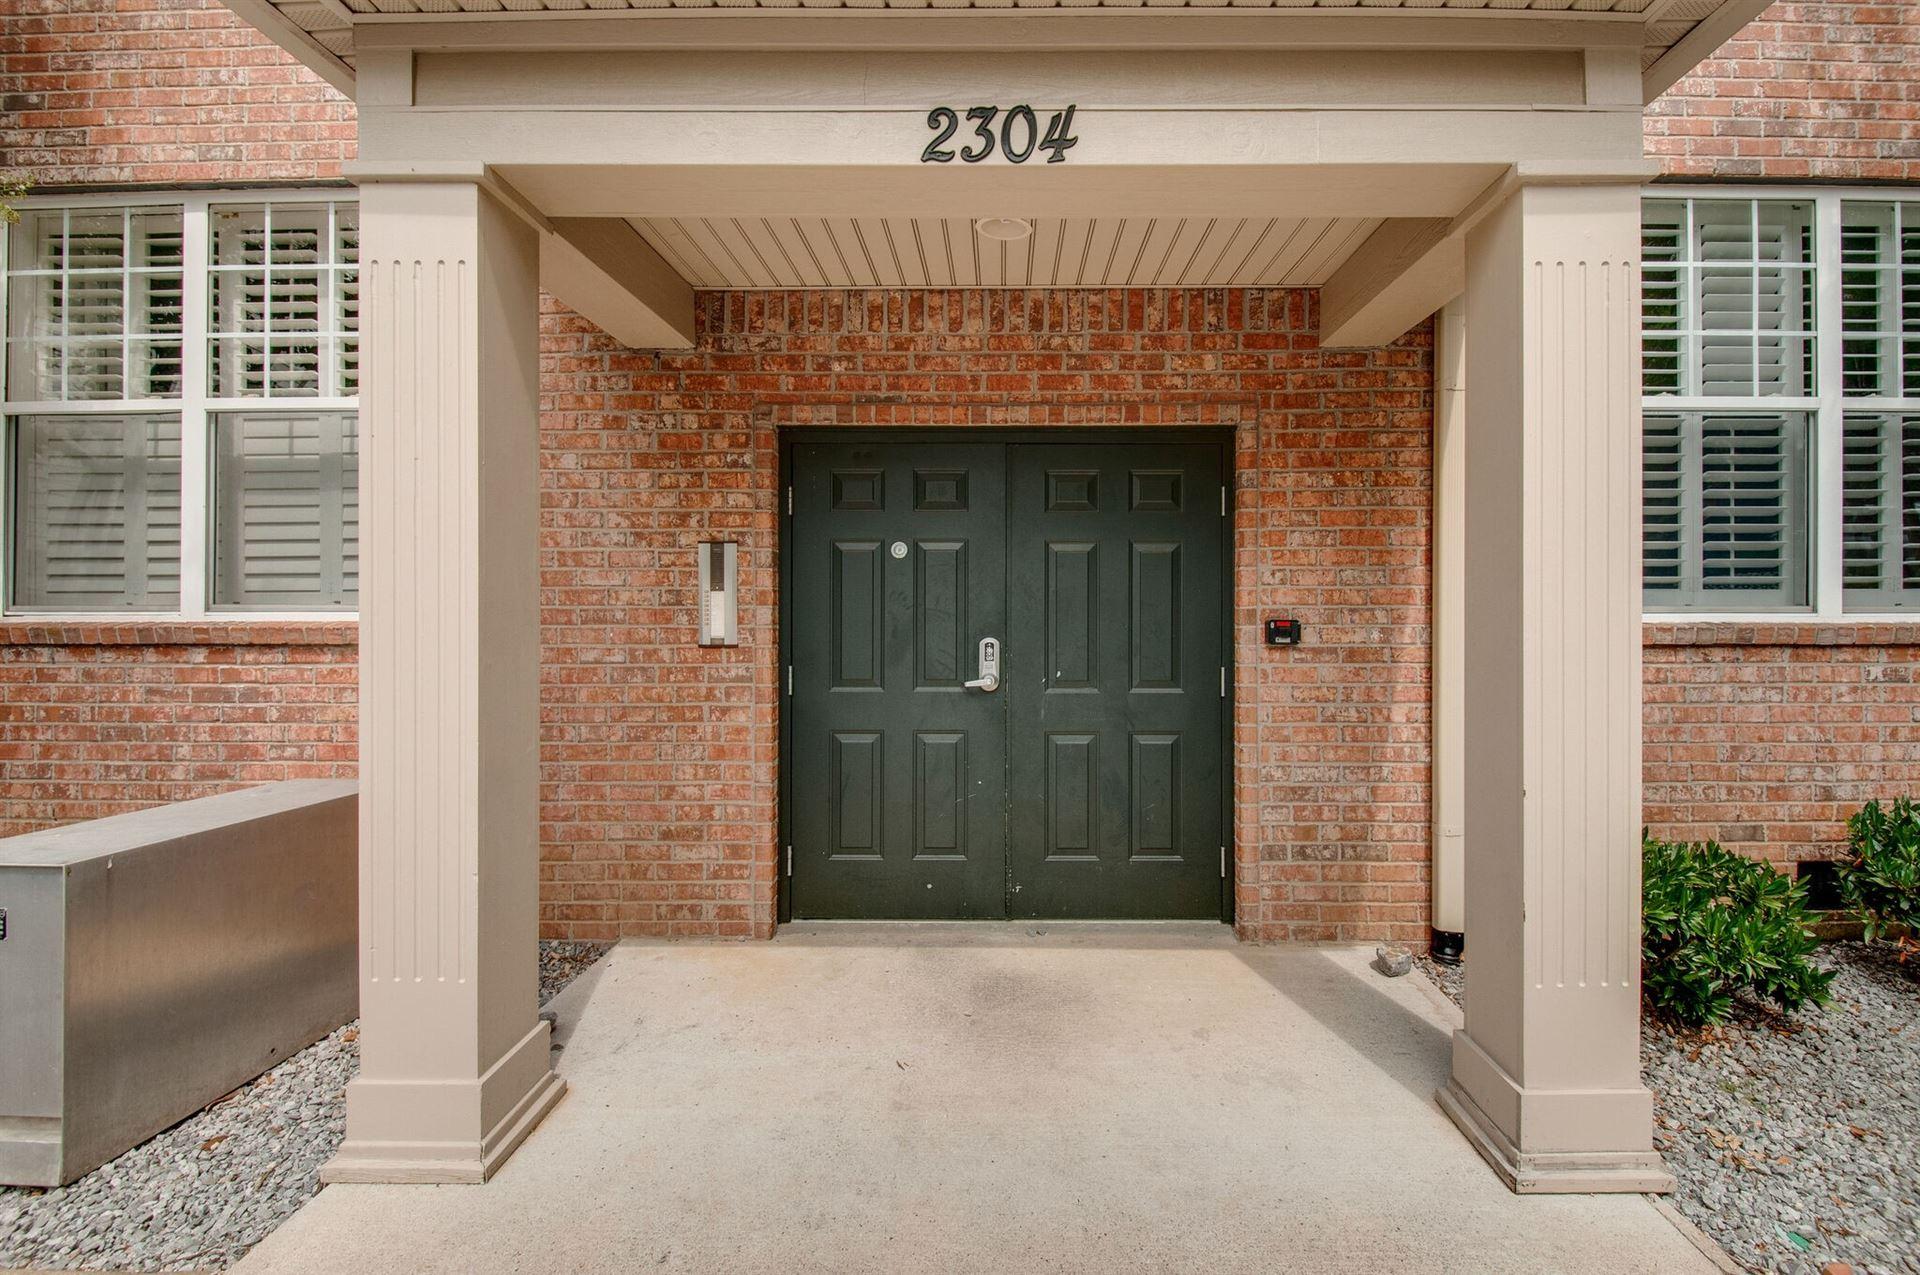 Photo of 2304 Elliott Ave #101, Nashville, TN 37204 (MLS # 2178232)